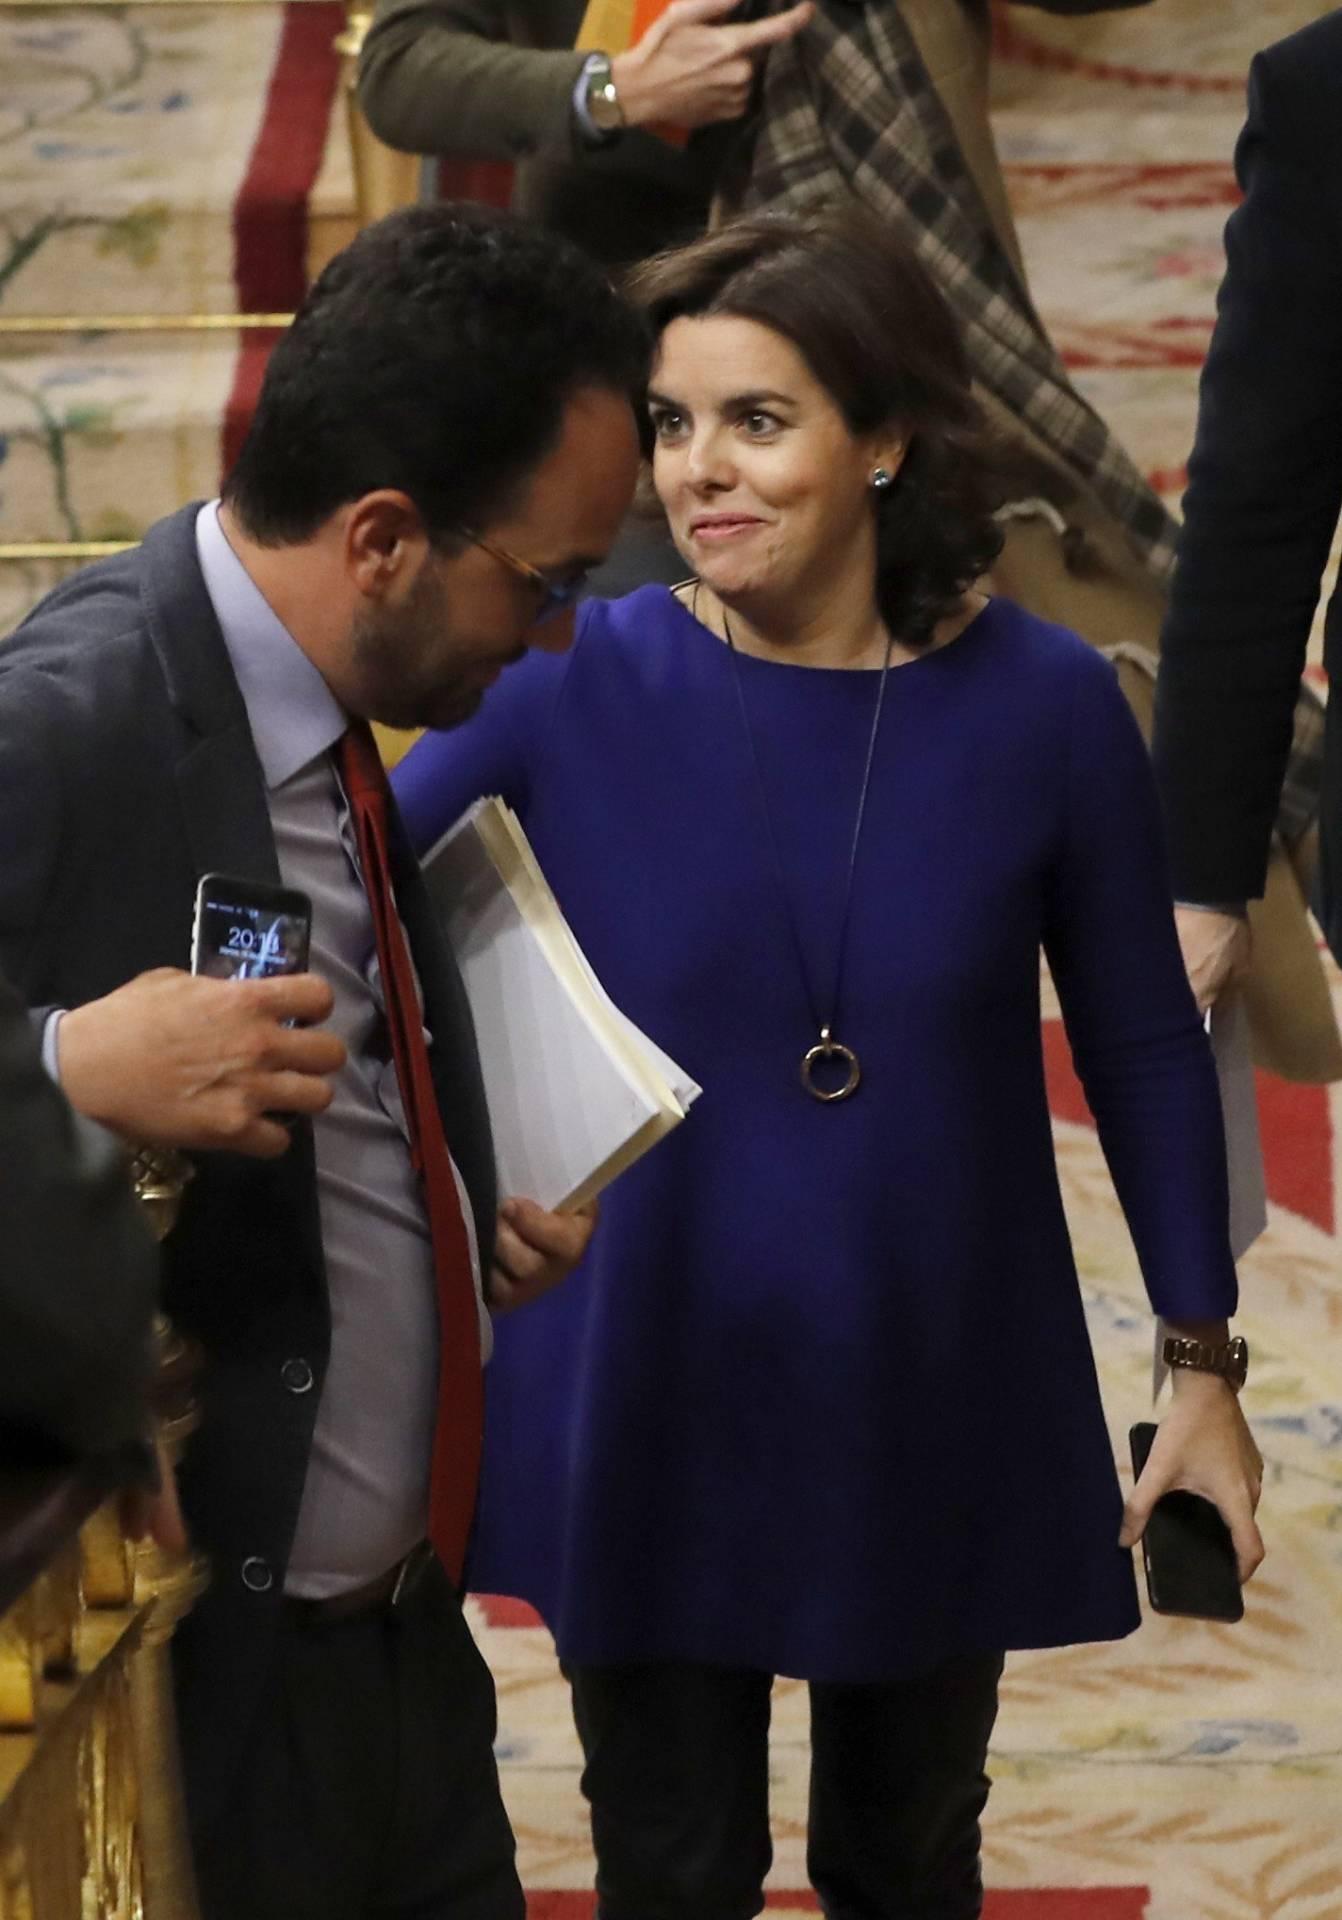 La vicepresidenta del Gobierno, Soraya Sáenz de Santamaría, junto al portavoz socialista, Antonio Hernando.